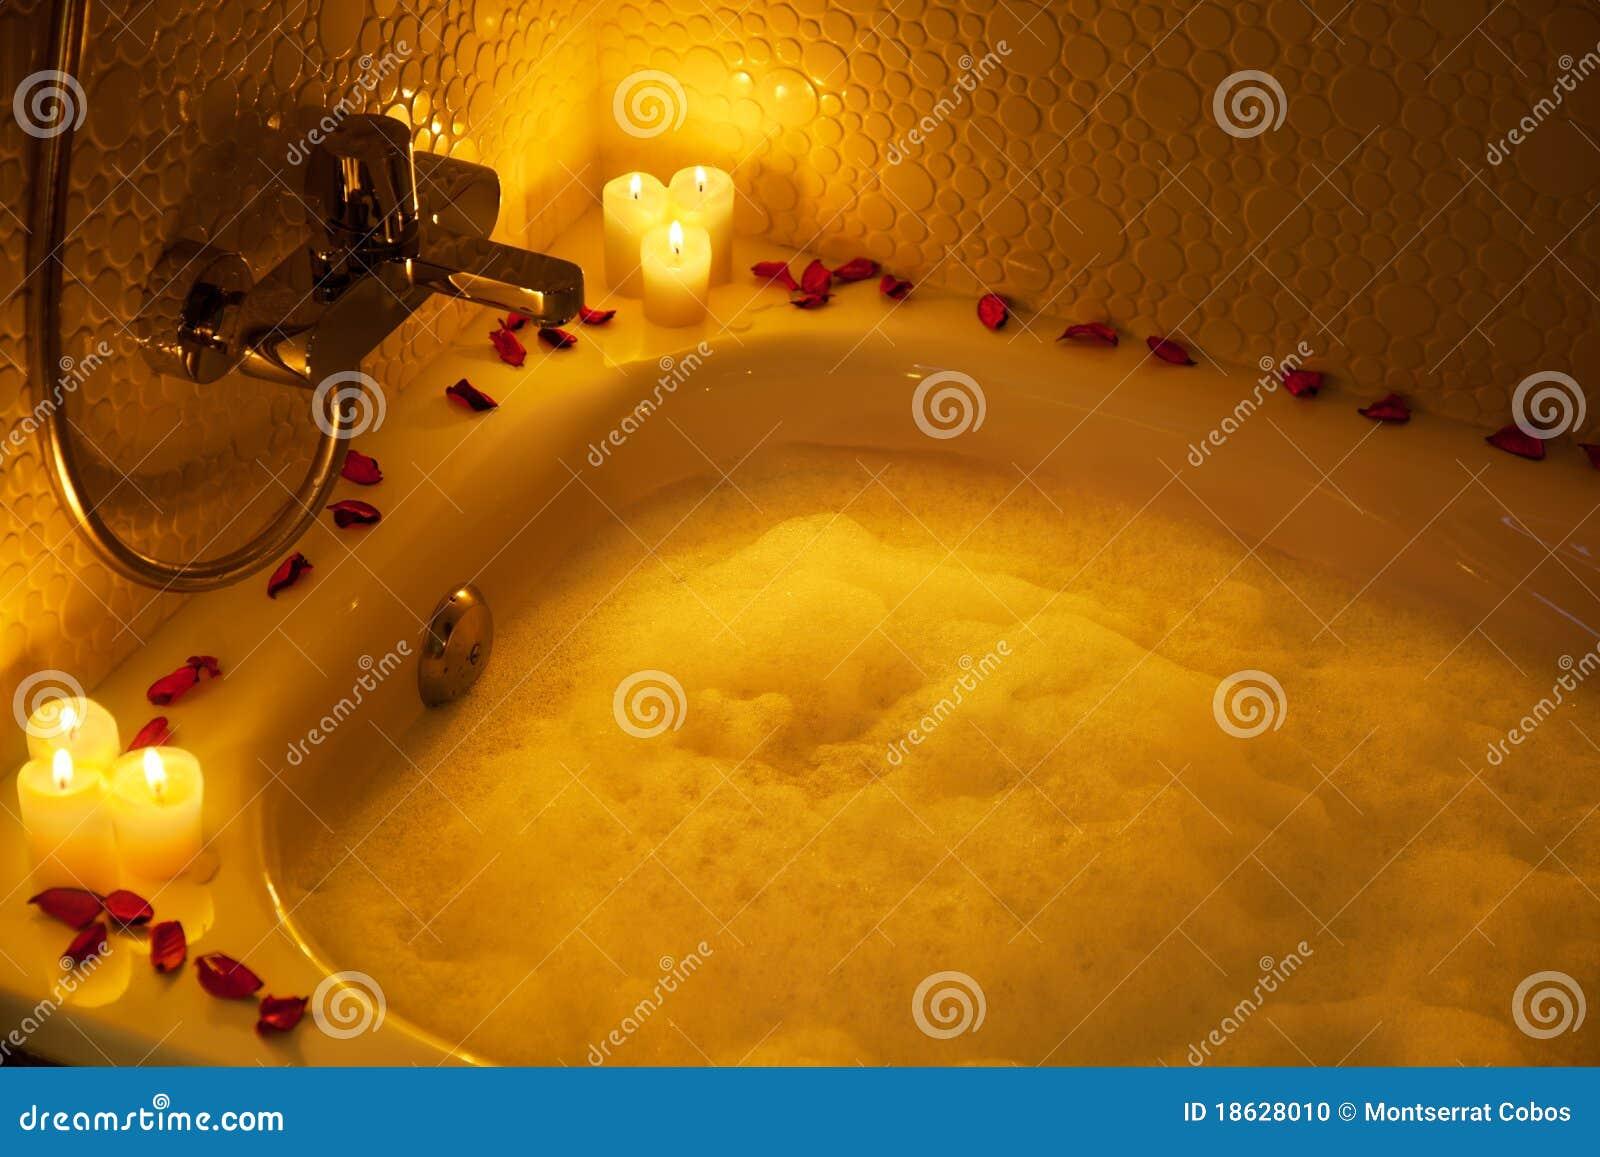 Vasca Da Bagno Romantica Con Candele : Vasca da bagno romantica fotografia stock. immagine di come 18628010